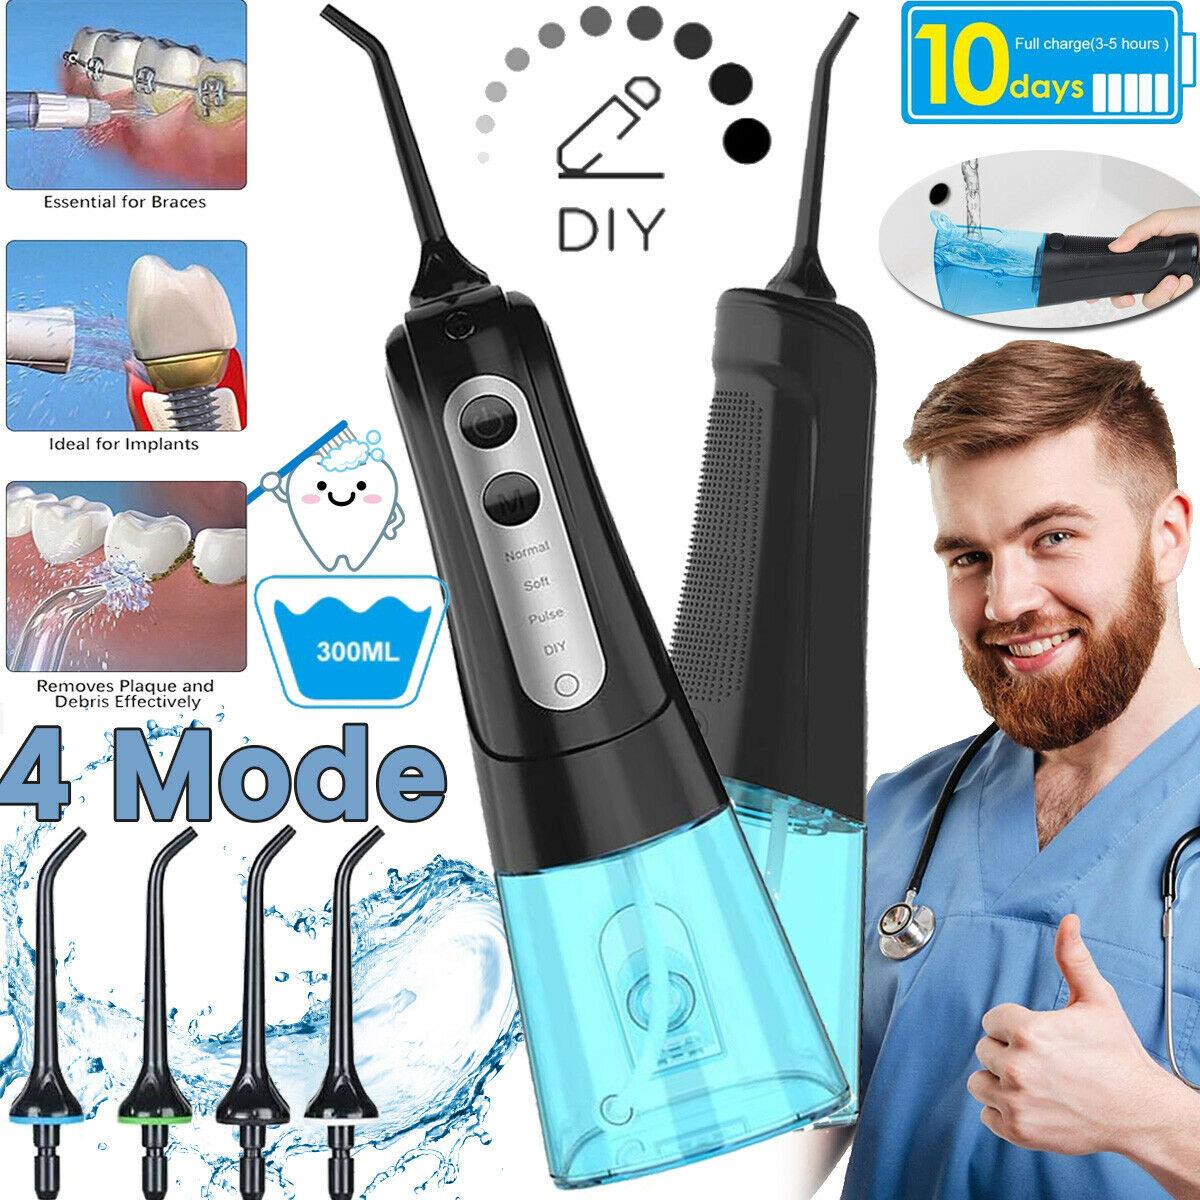 Flosser الأسنان مع حقيبة السفر جهاز تنظيف الأسنان بالماء USB قابلة للشحن 4 فوهات المياه النفاثة 300 مللي خزان المياه الفم الري